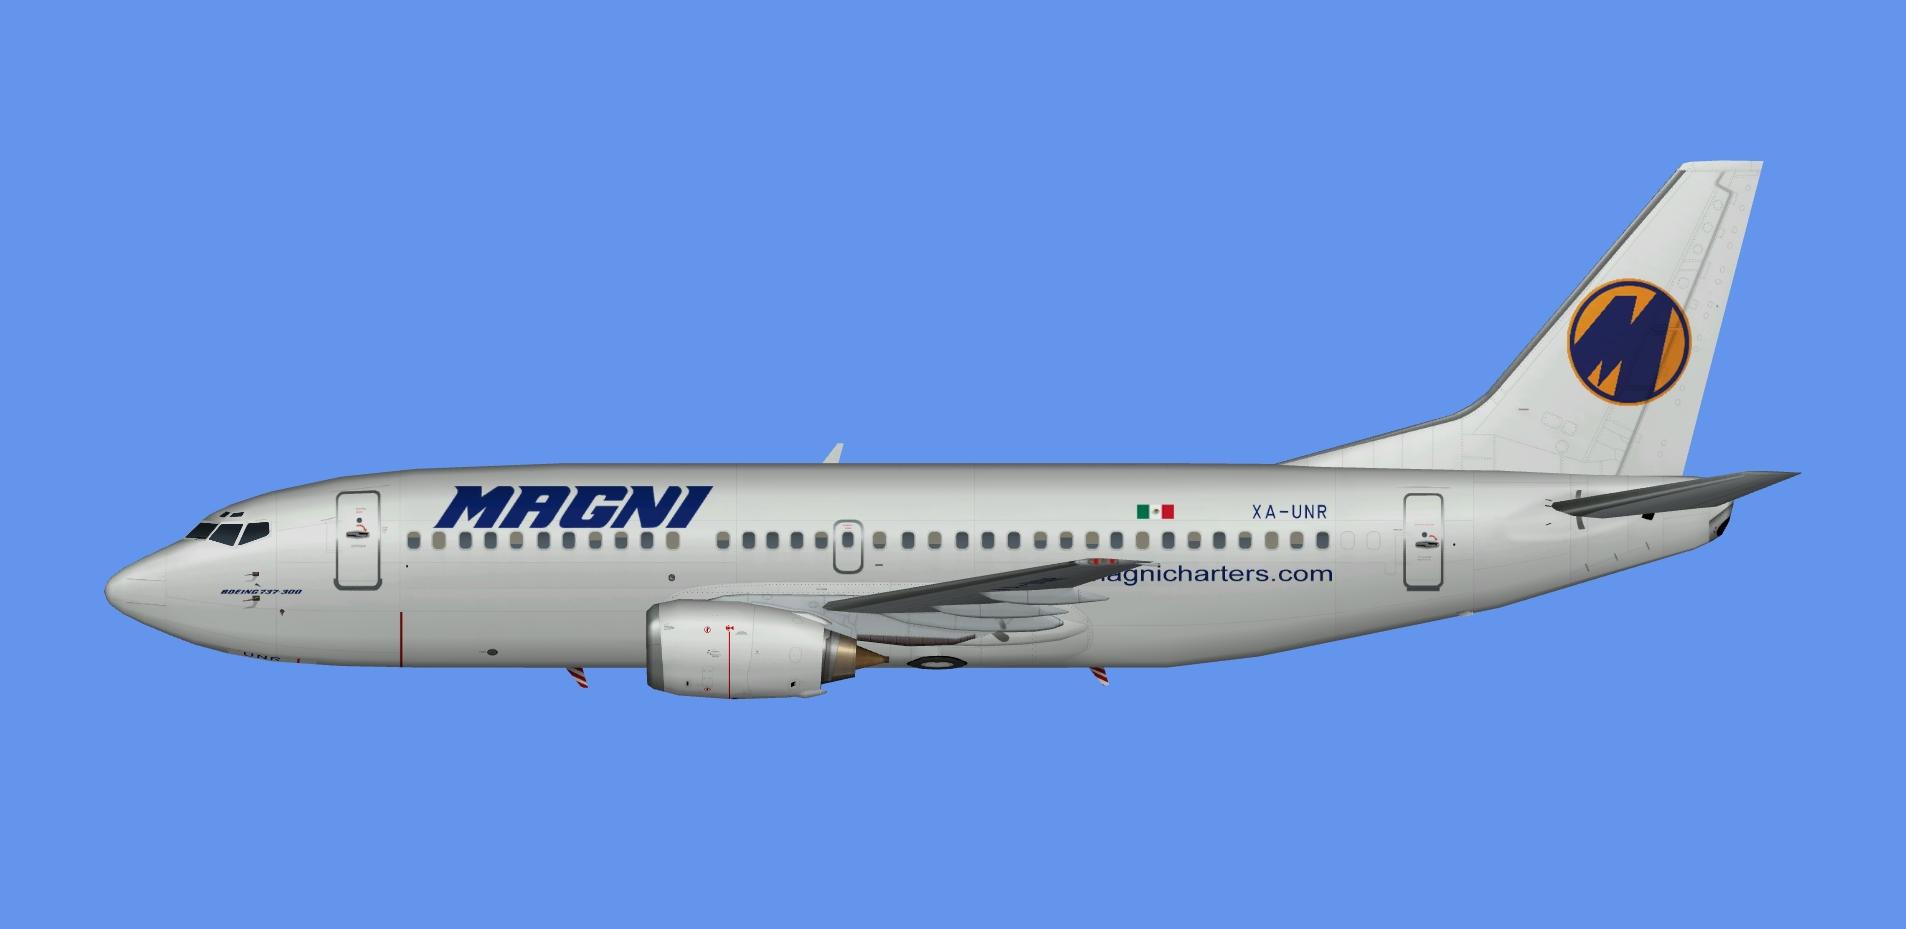 Magnicharters Boeing 737-300 Fleet FSX | JCAI